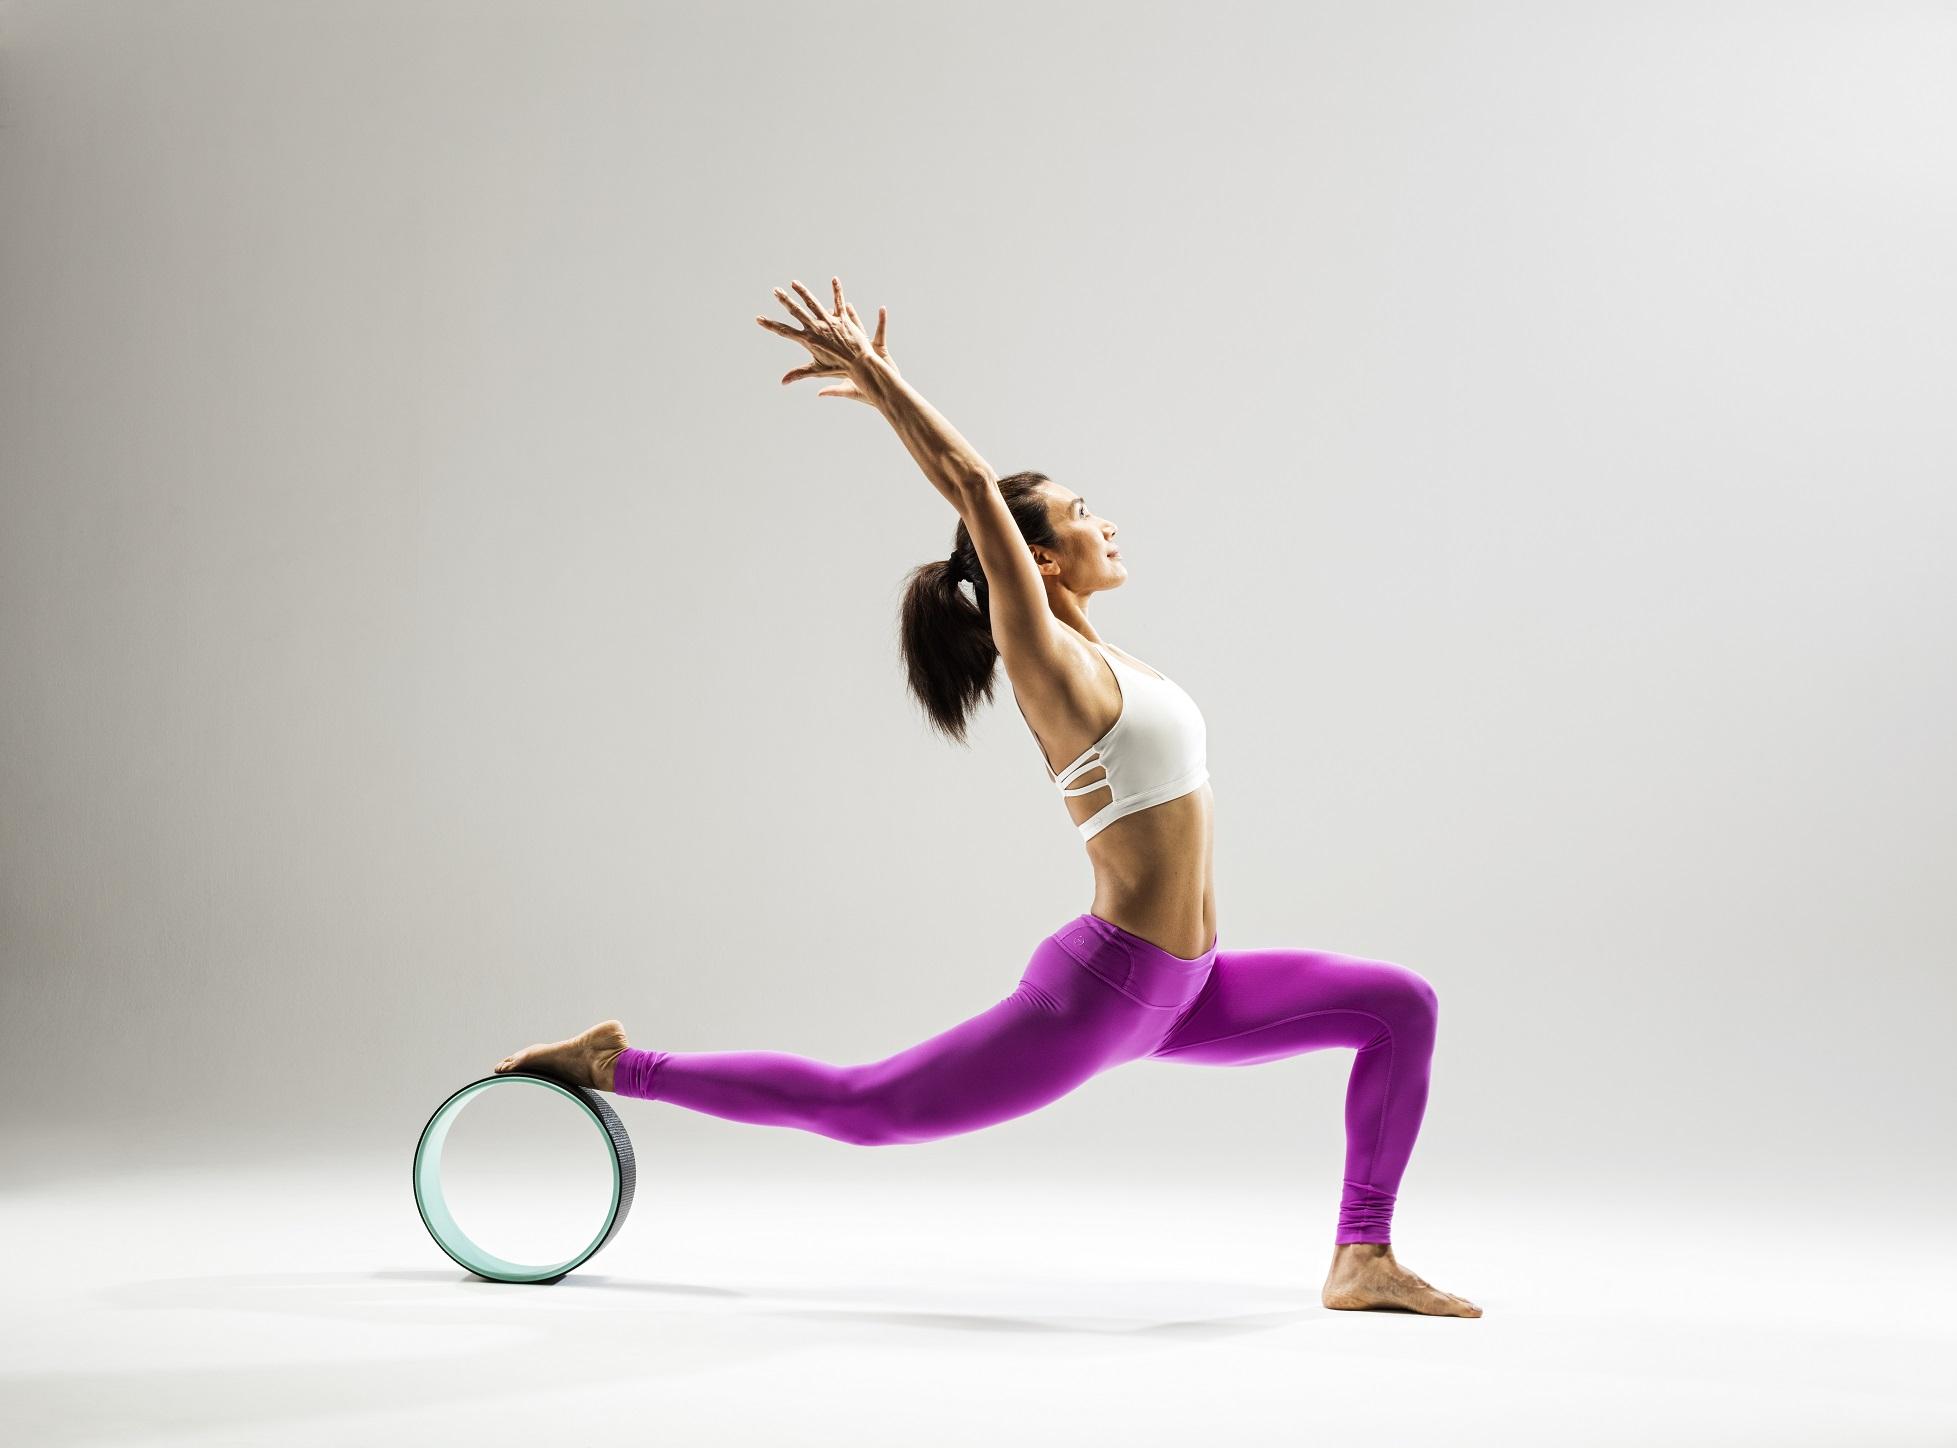 从香港的瑜伽馆起步,亚洲顶尖生活品牌Pure集团获得中国和加拿大两家机构的投资